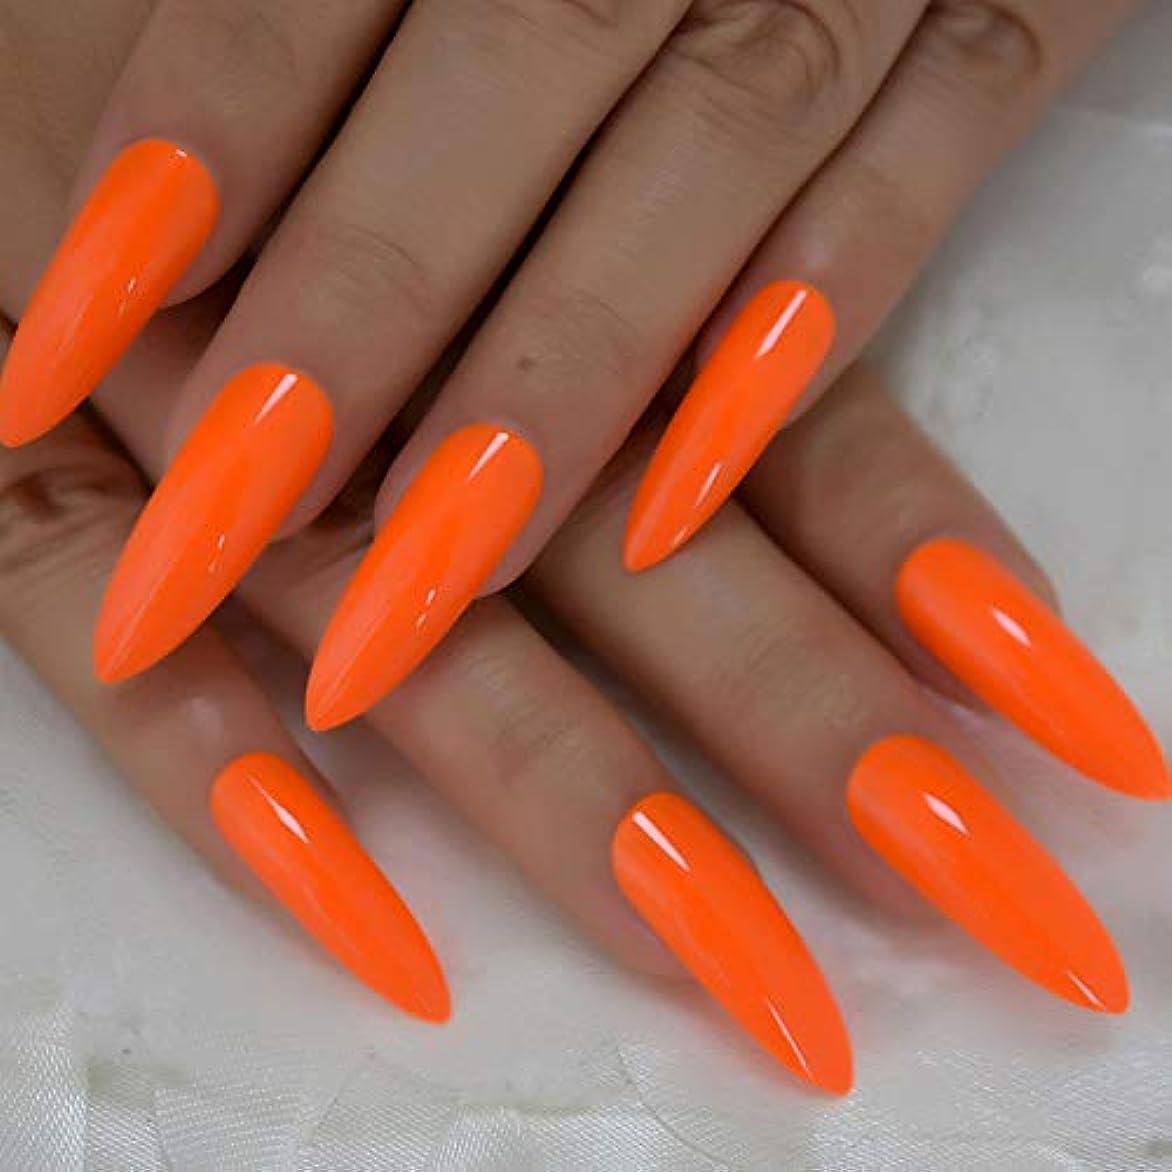 薬用狼あごXUTXZKA 偽の爪長く明るいオレンジ色の装飾マニキュアのヒント